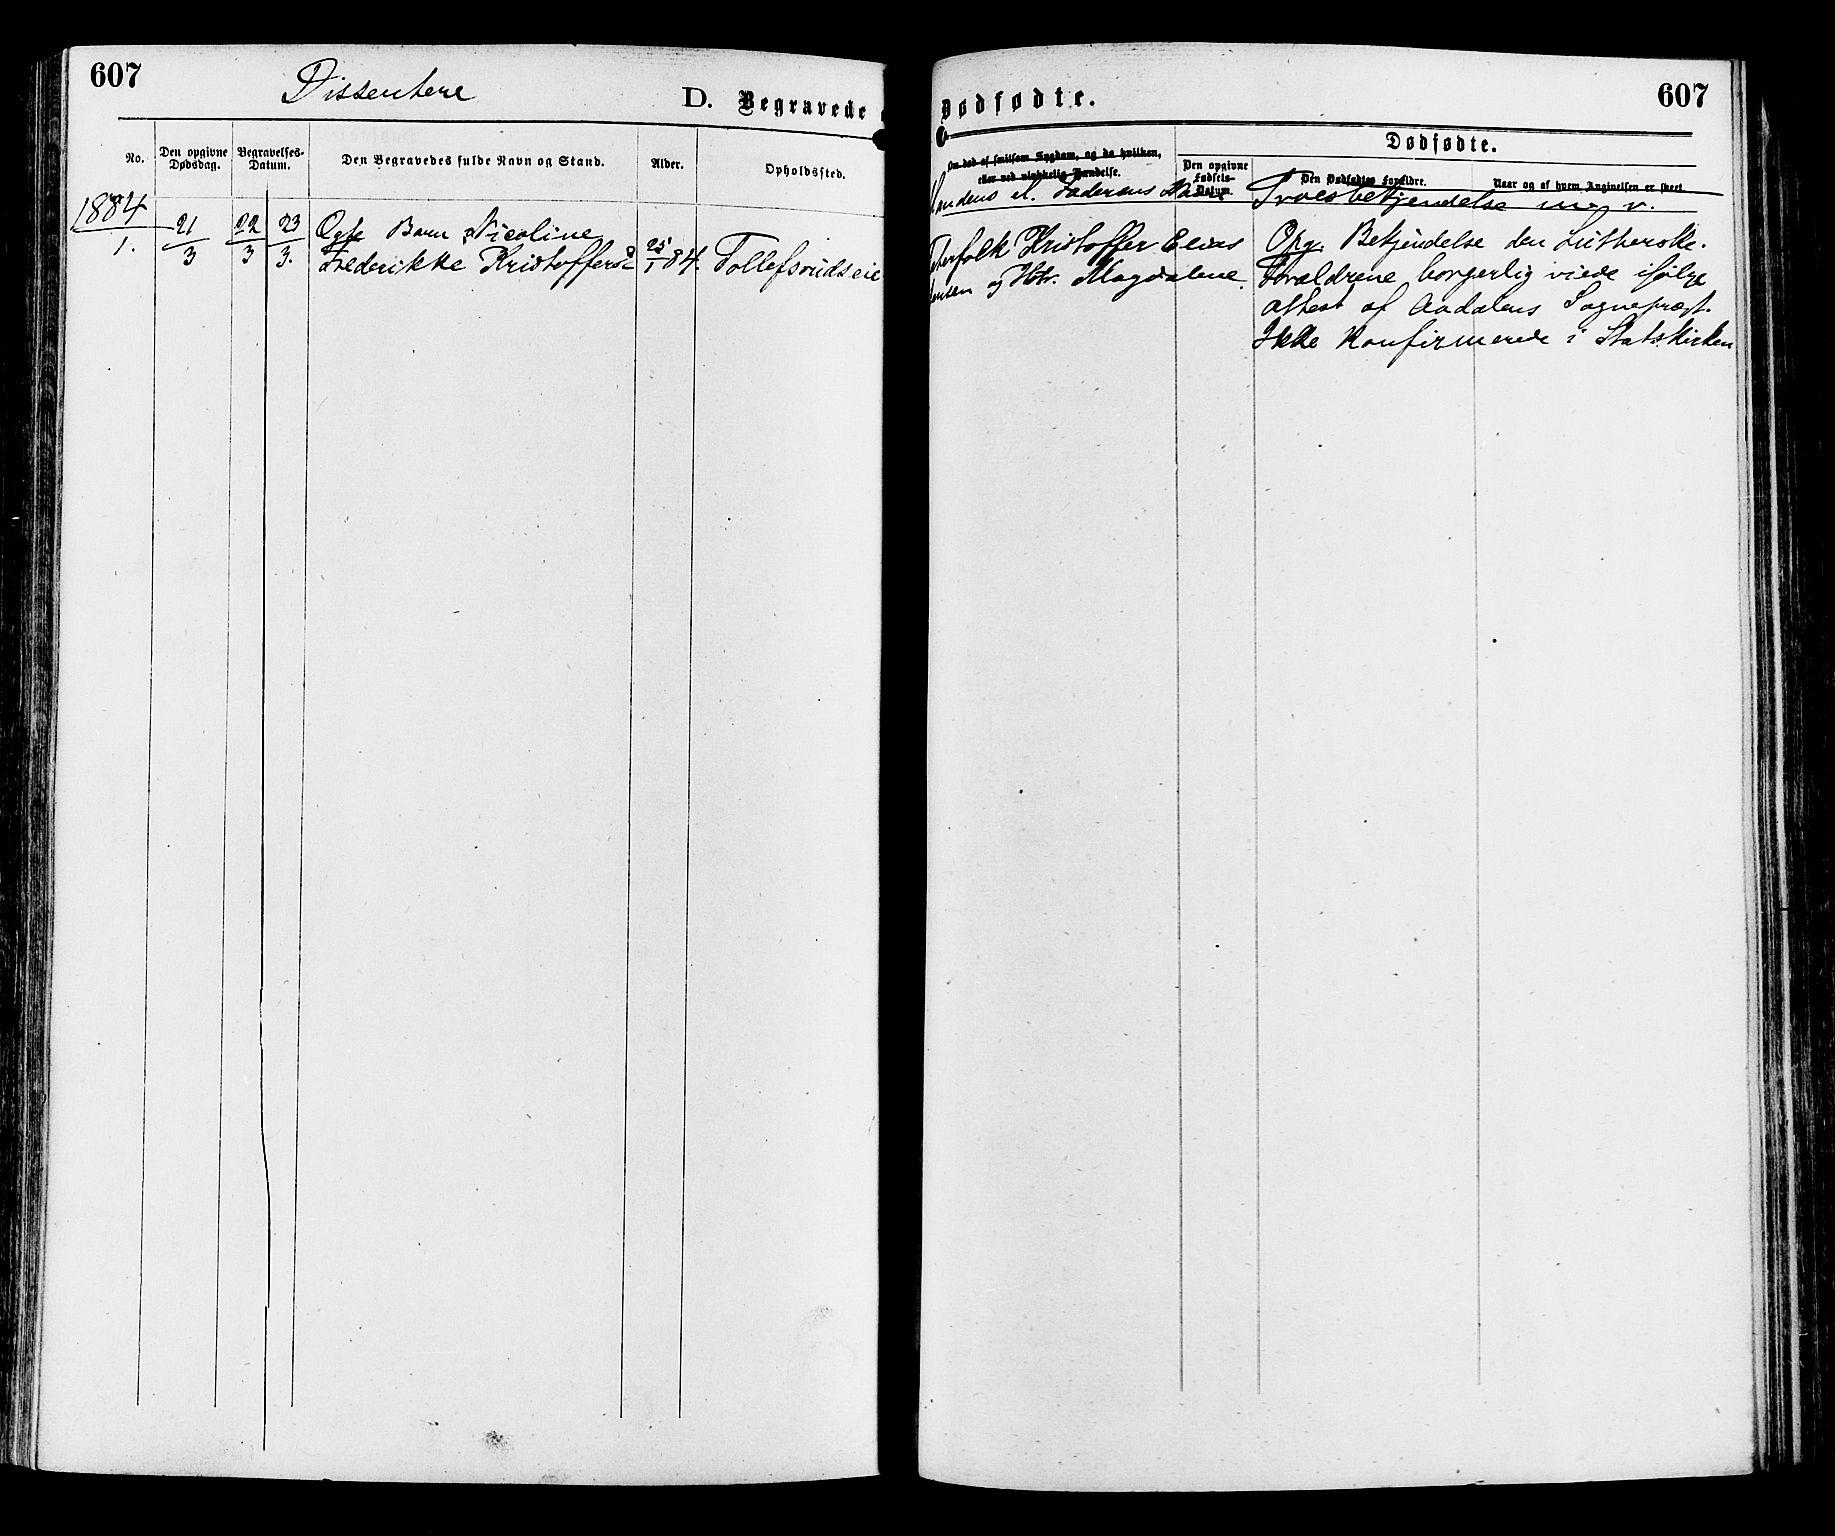 SAH, Sør-Aurdal prestekontor, Ministerialbok nr. 8, 1877-1885, s. 607